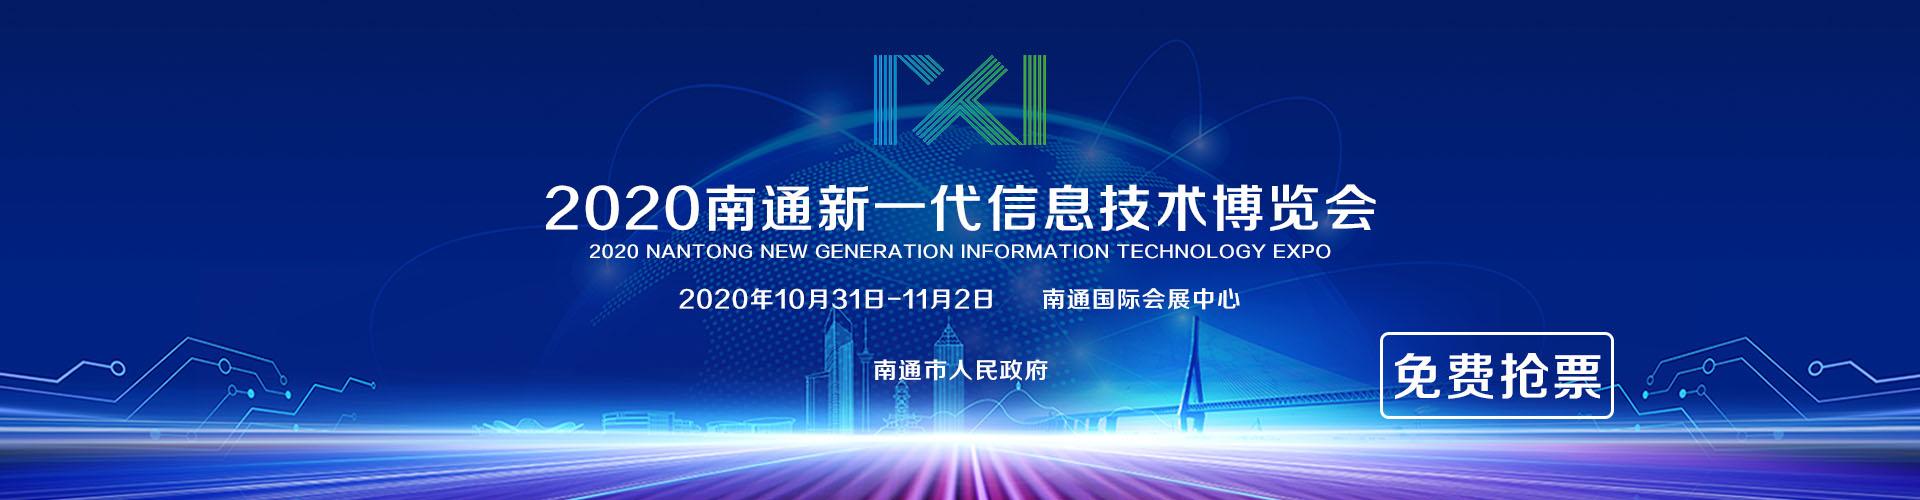 2020南通新一代信息技术博览会